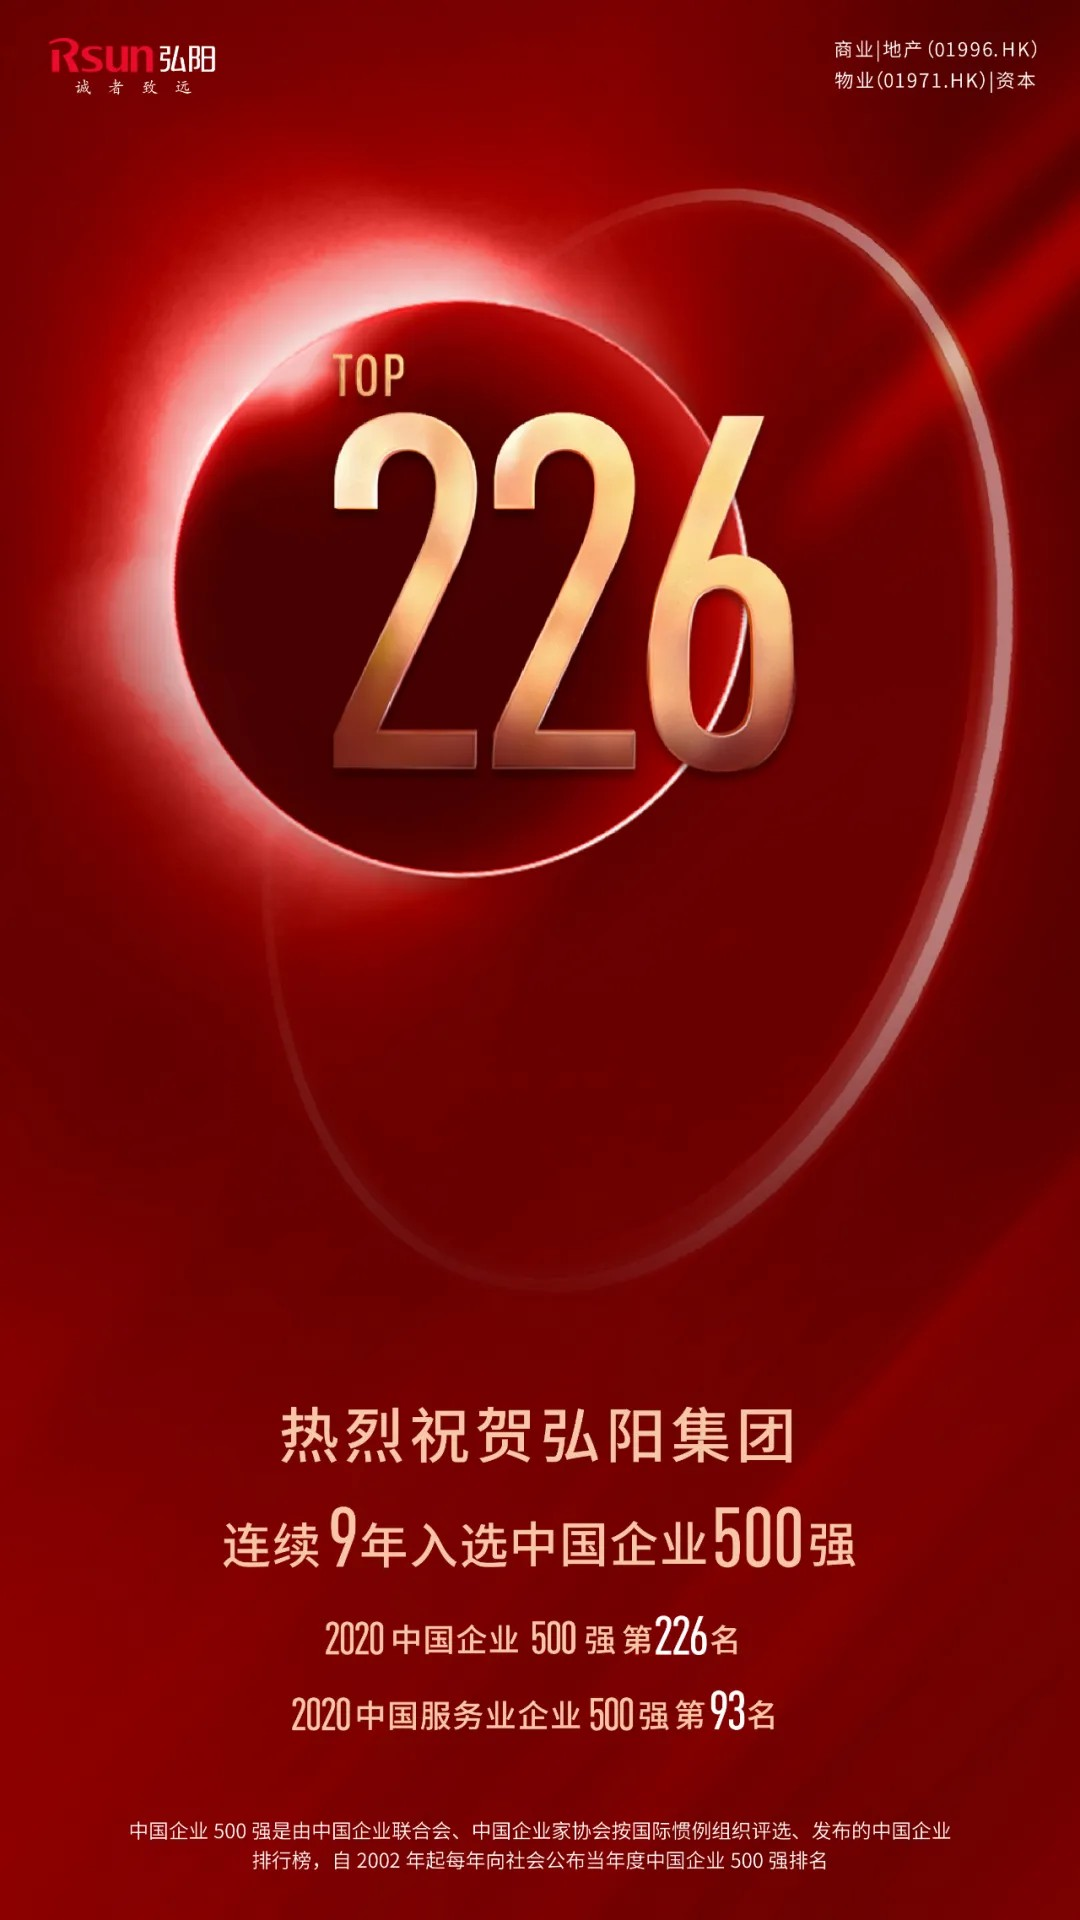 9年载誉前行! 弘阳地产荣膺2020中国企业500强第226名